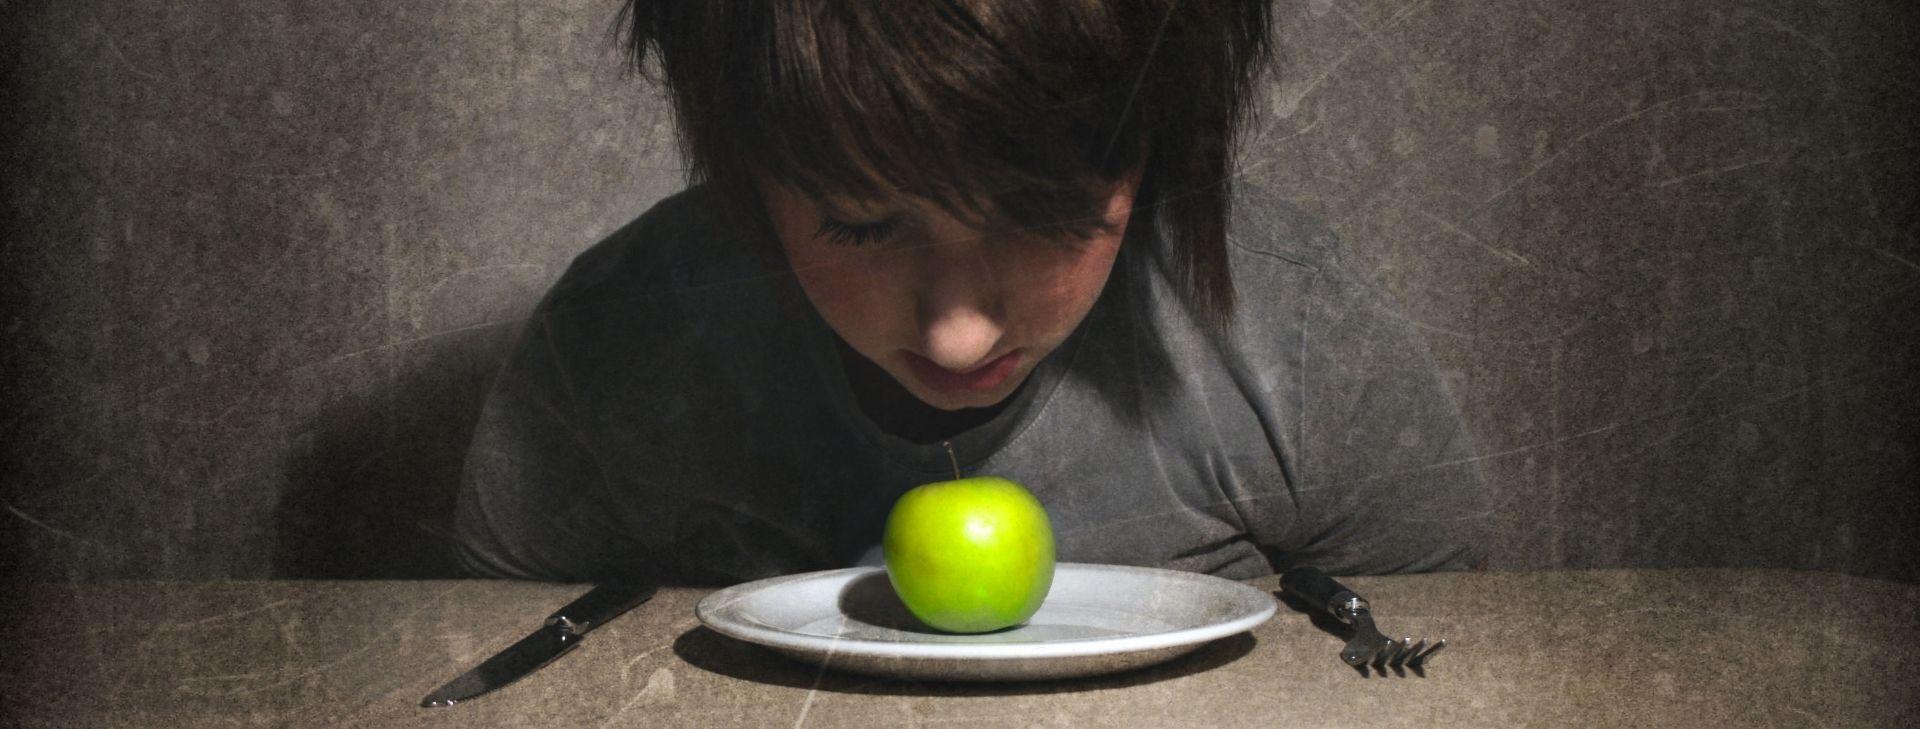 Мозг анорексиков работает иначе